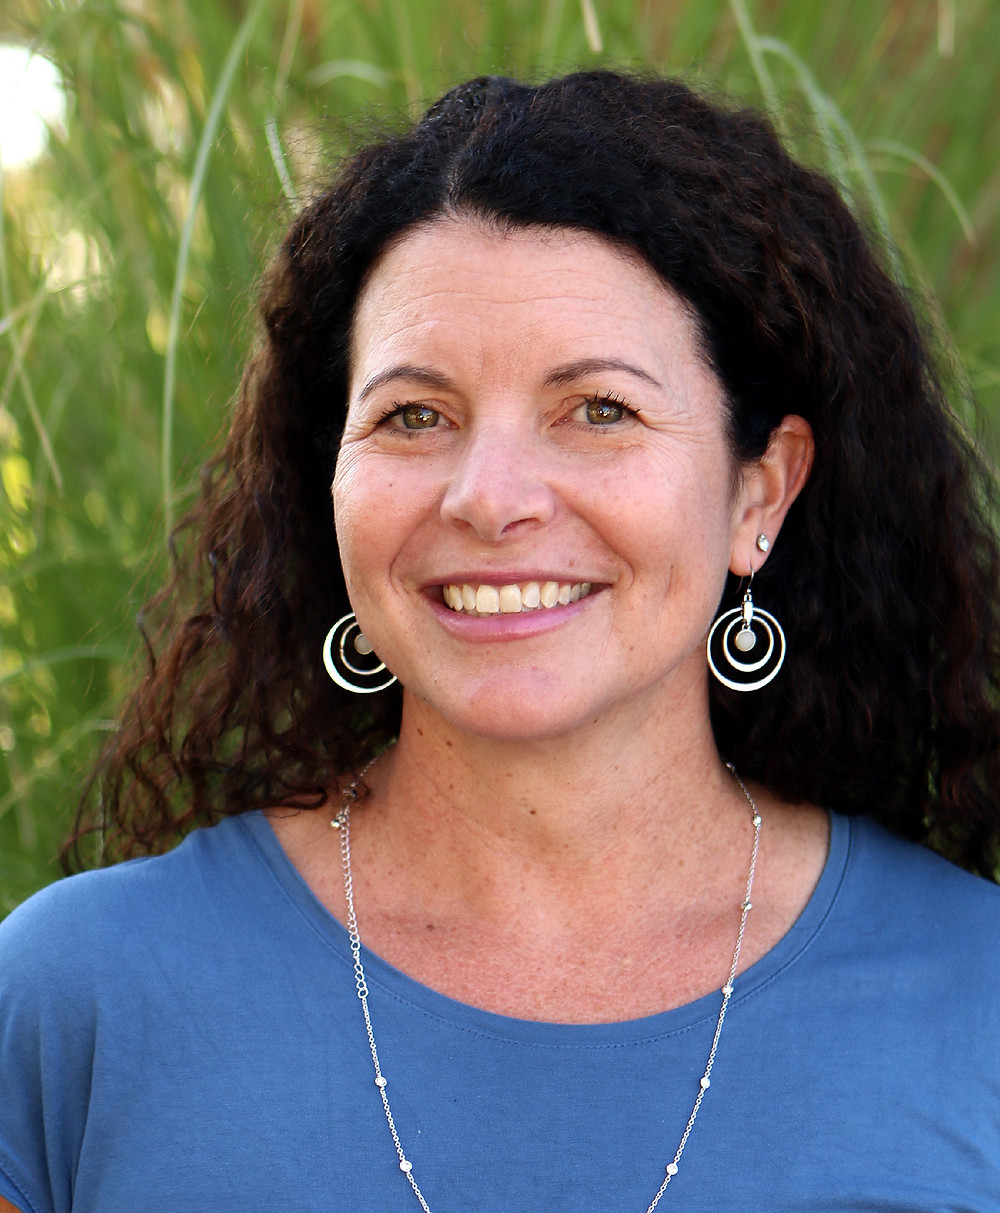 Alison Schwedner